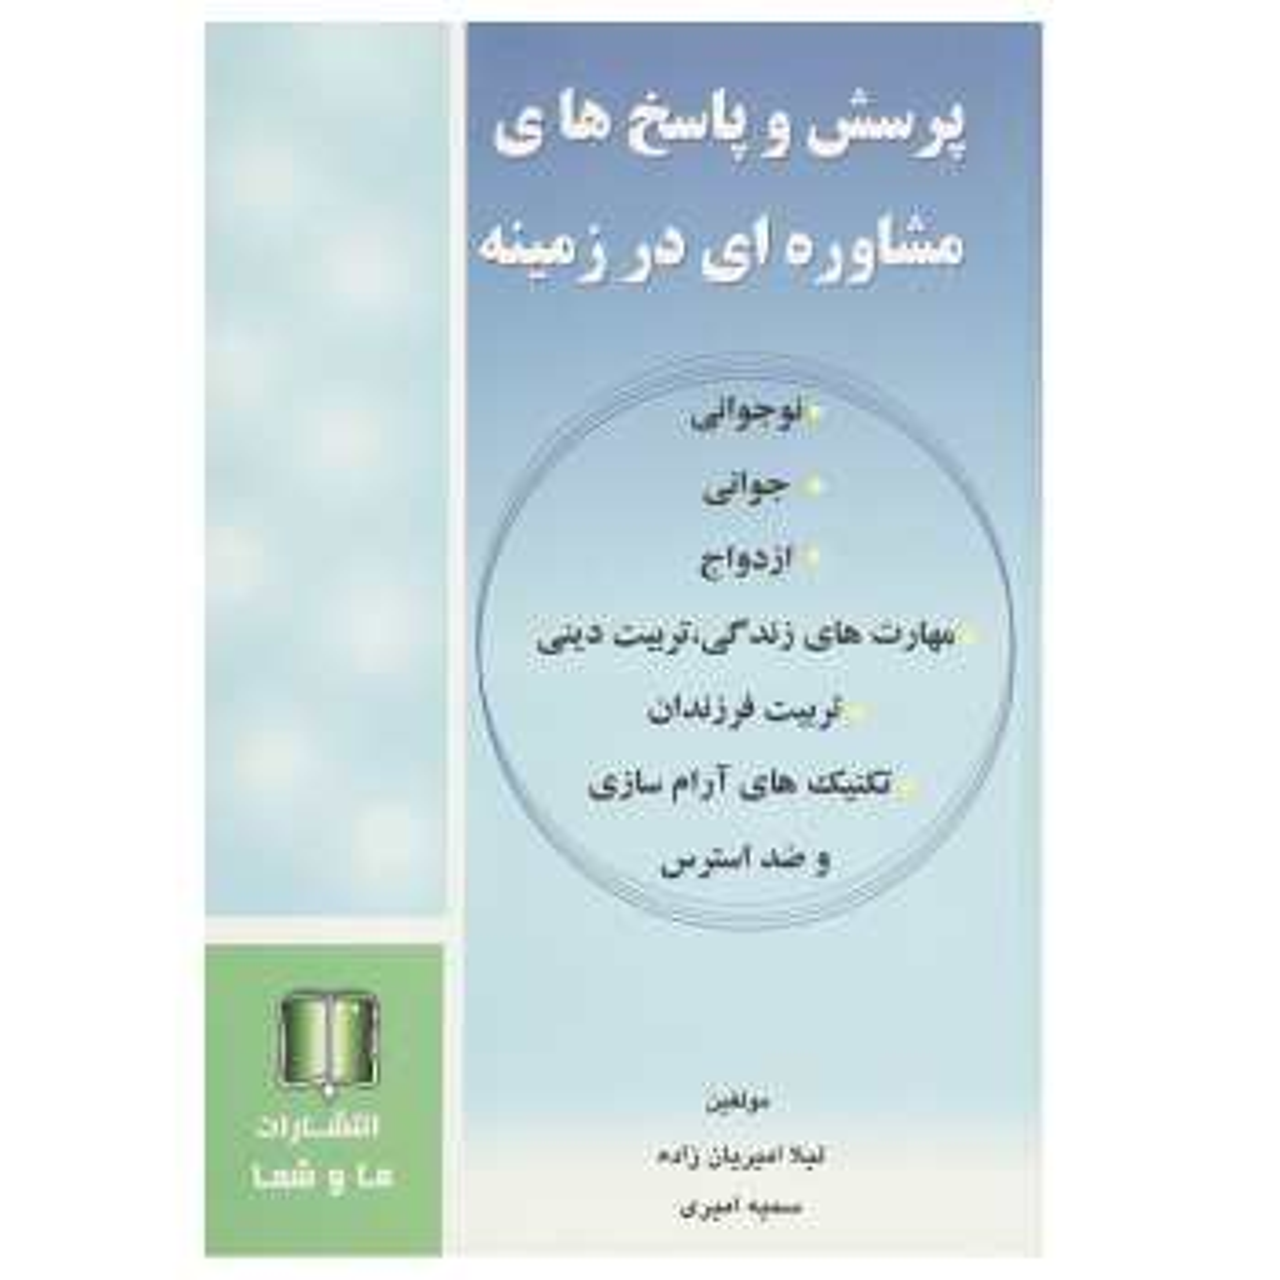 کتاب پرسش و پاسخ مشاوره در زمینه جوانی، ازدواج و ... اثر لیلا امیریان زاده